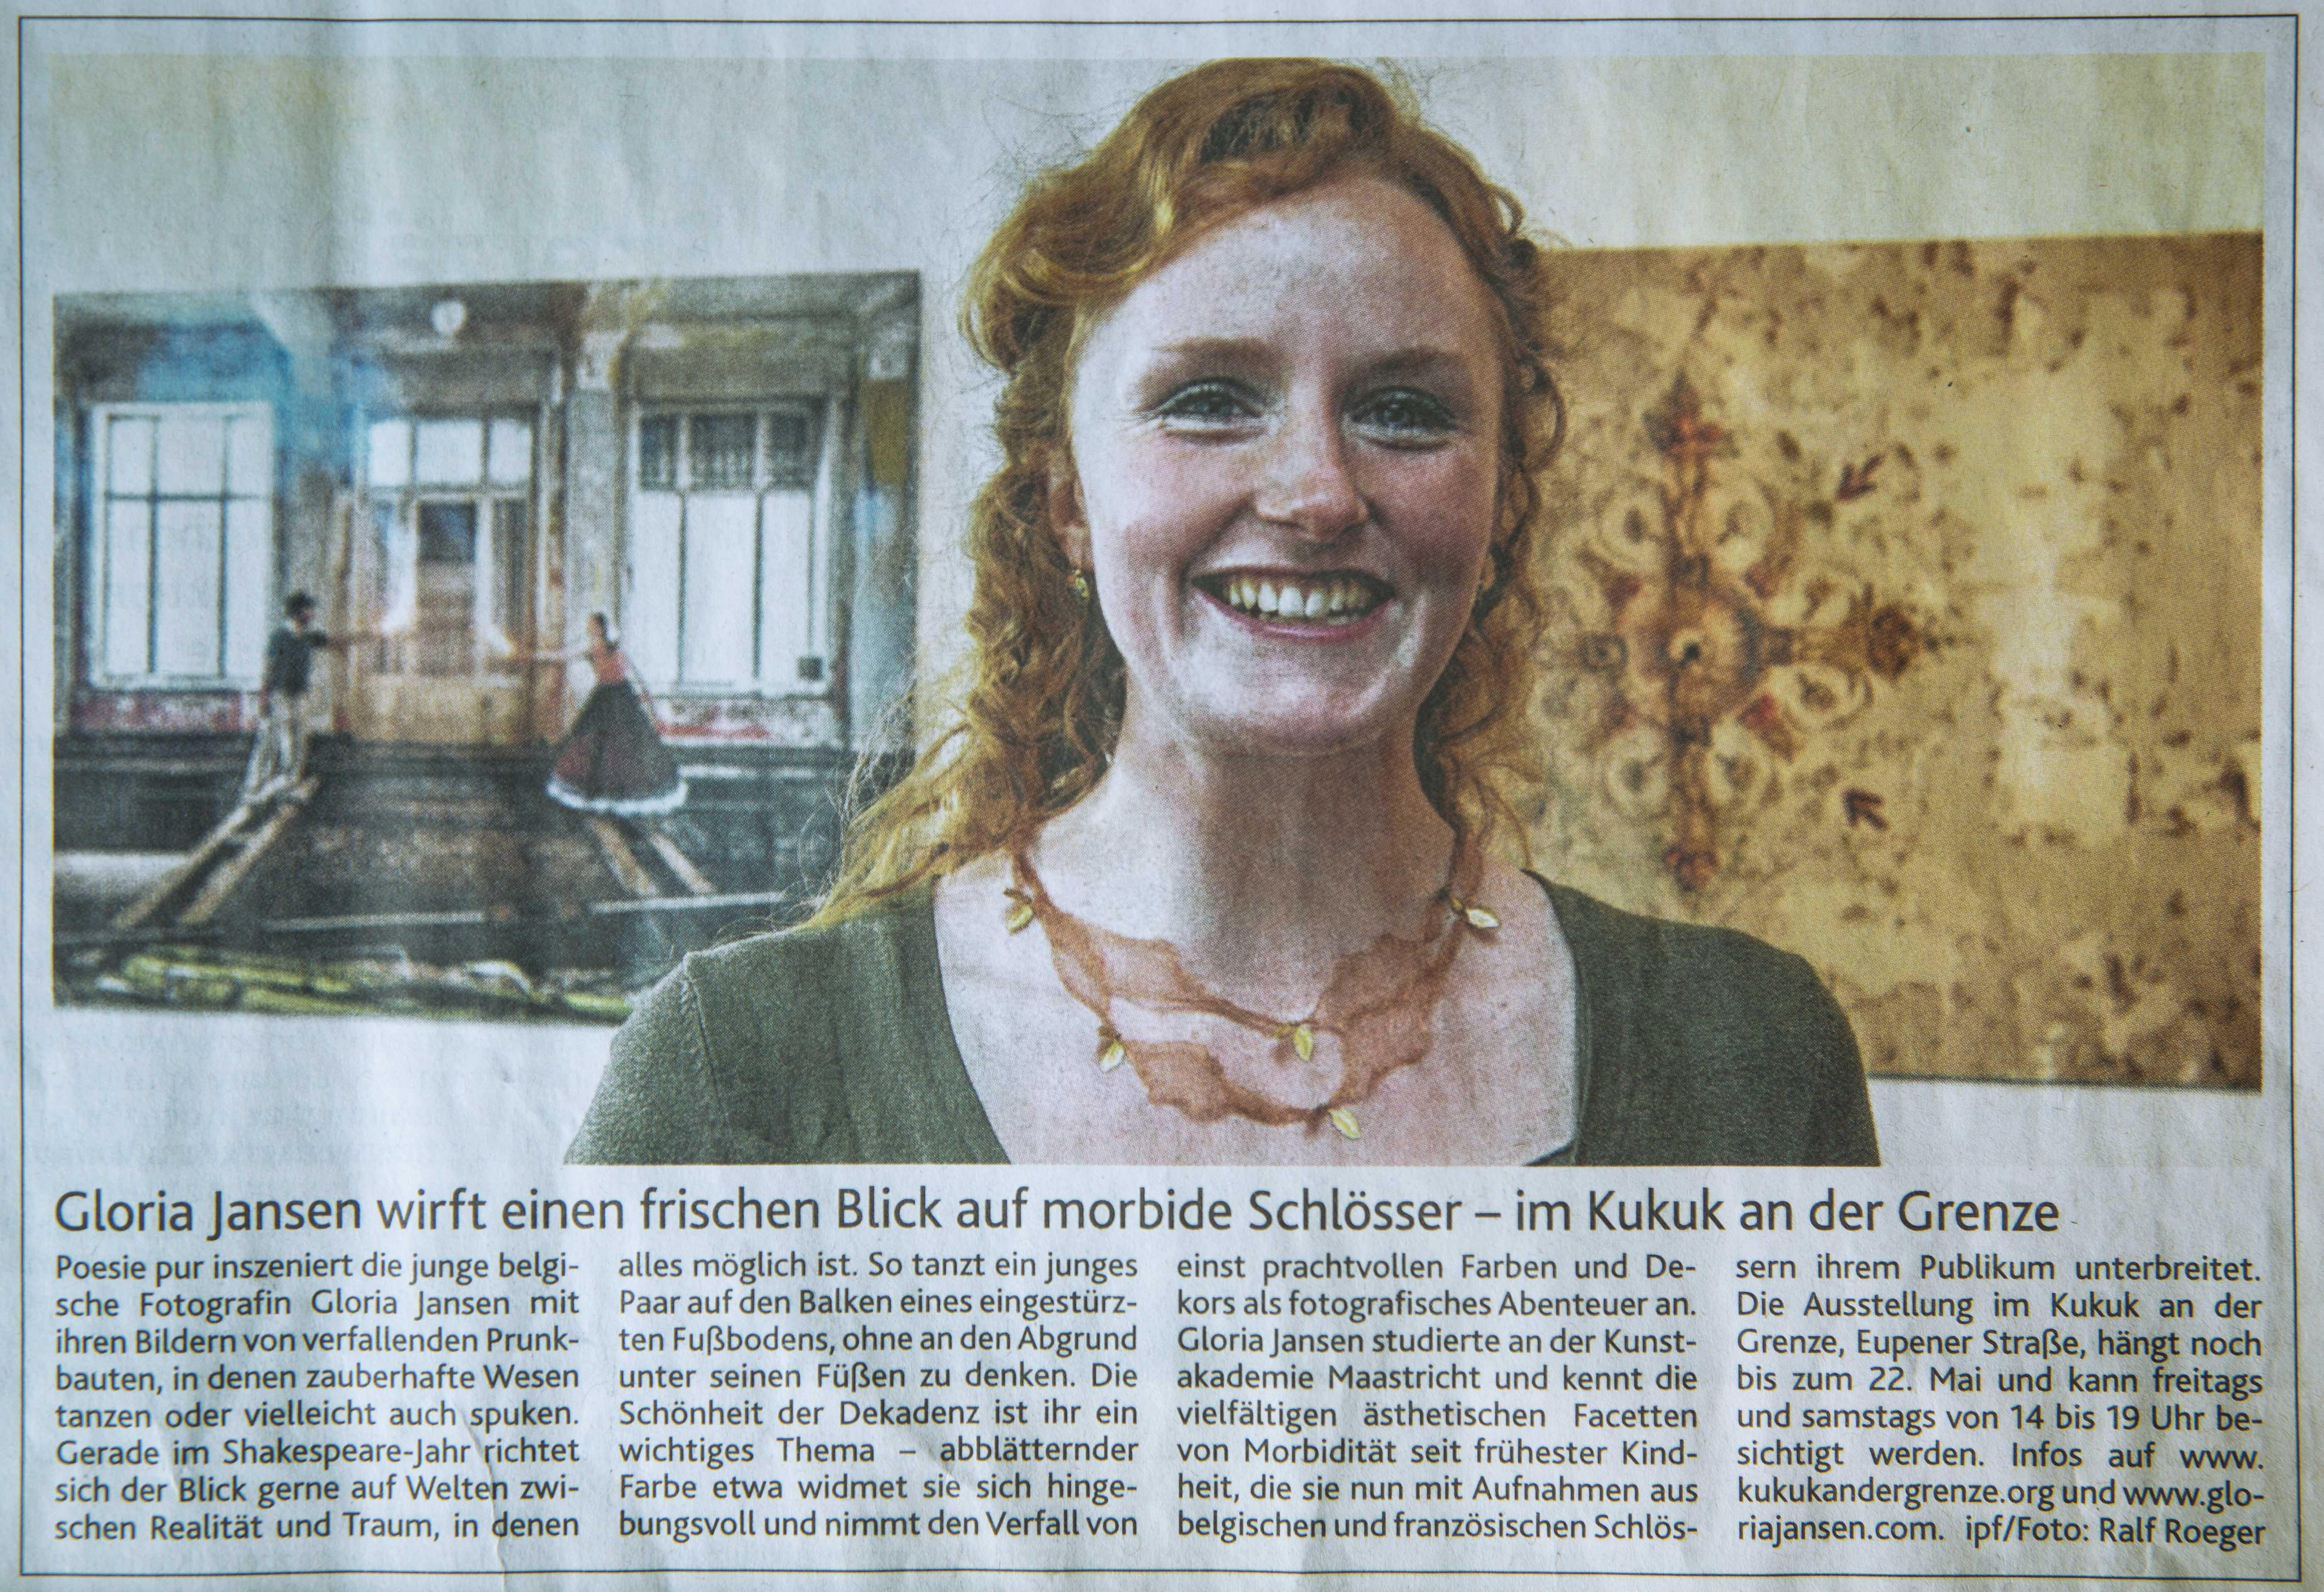 """""""Gloria Jansen wirft einen frischen Blick auf morbide Schlösser"""", Aachen Nachrichten, 28.April 2016, Nr.99, Germany"""